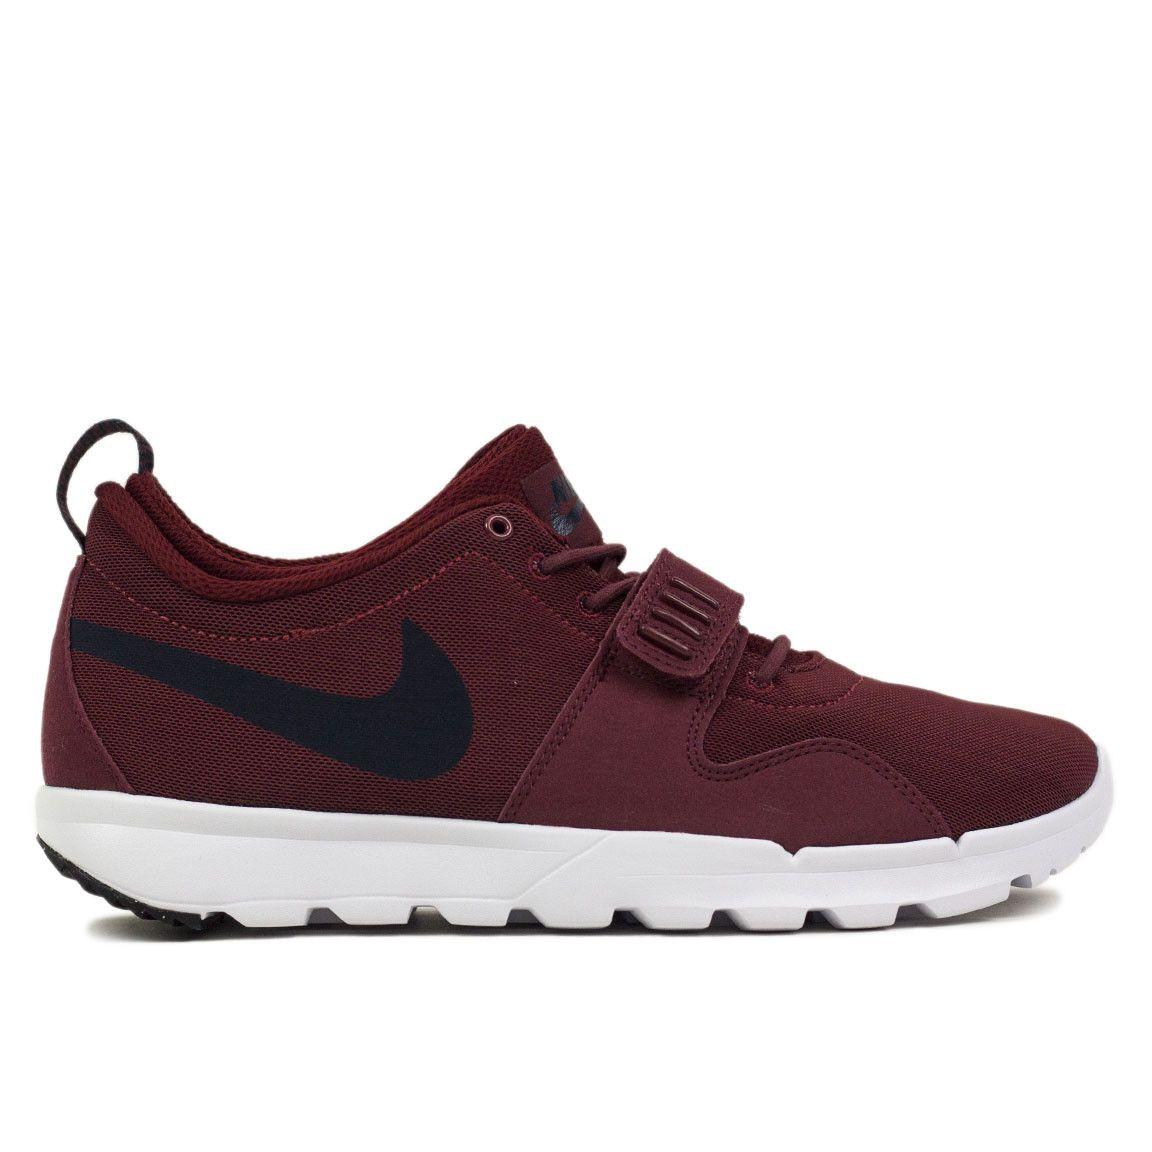 663f33cd4958 Nike SB Trainerendor - Team Red Obsidian White – Commonn